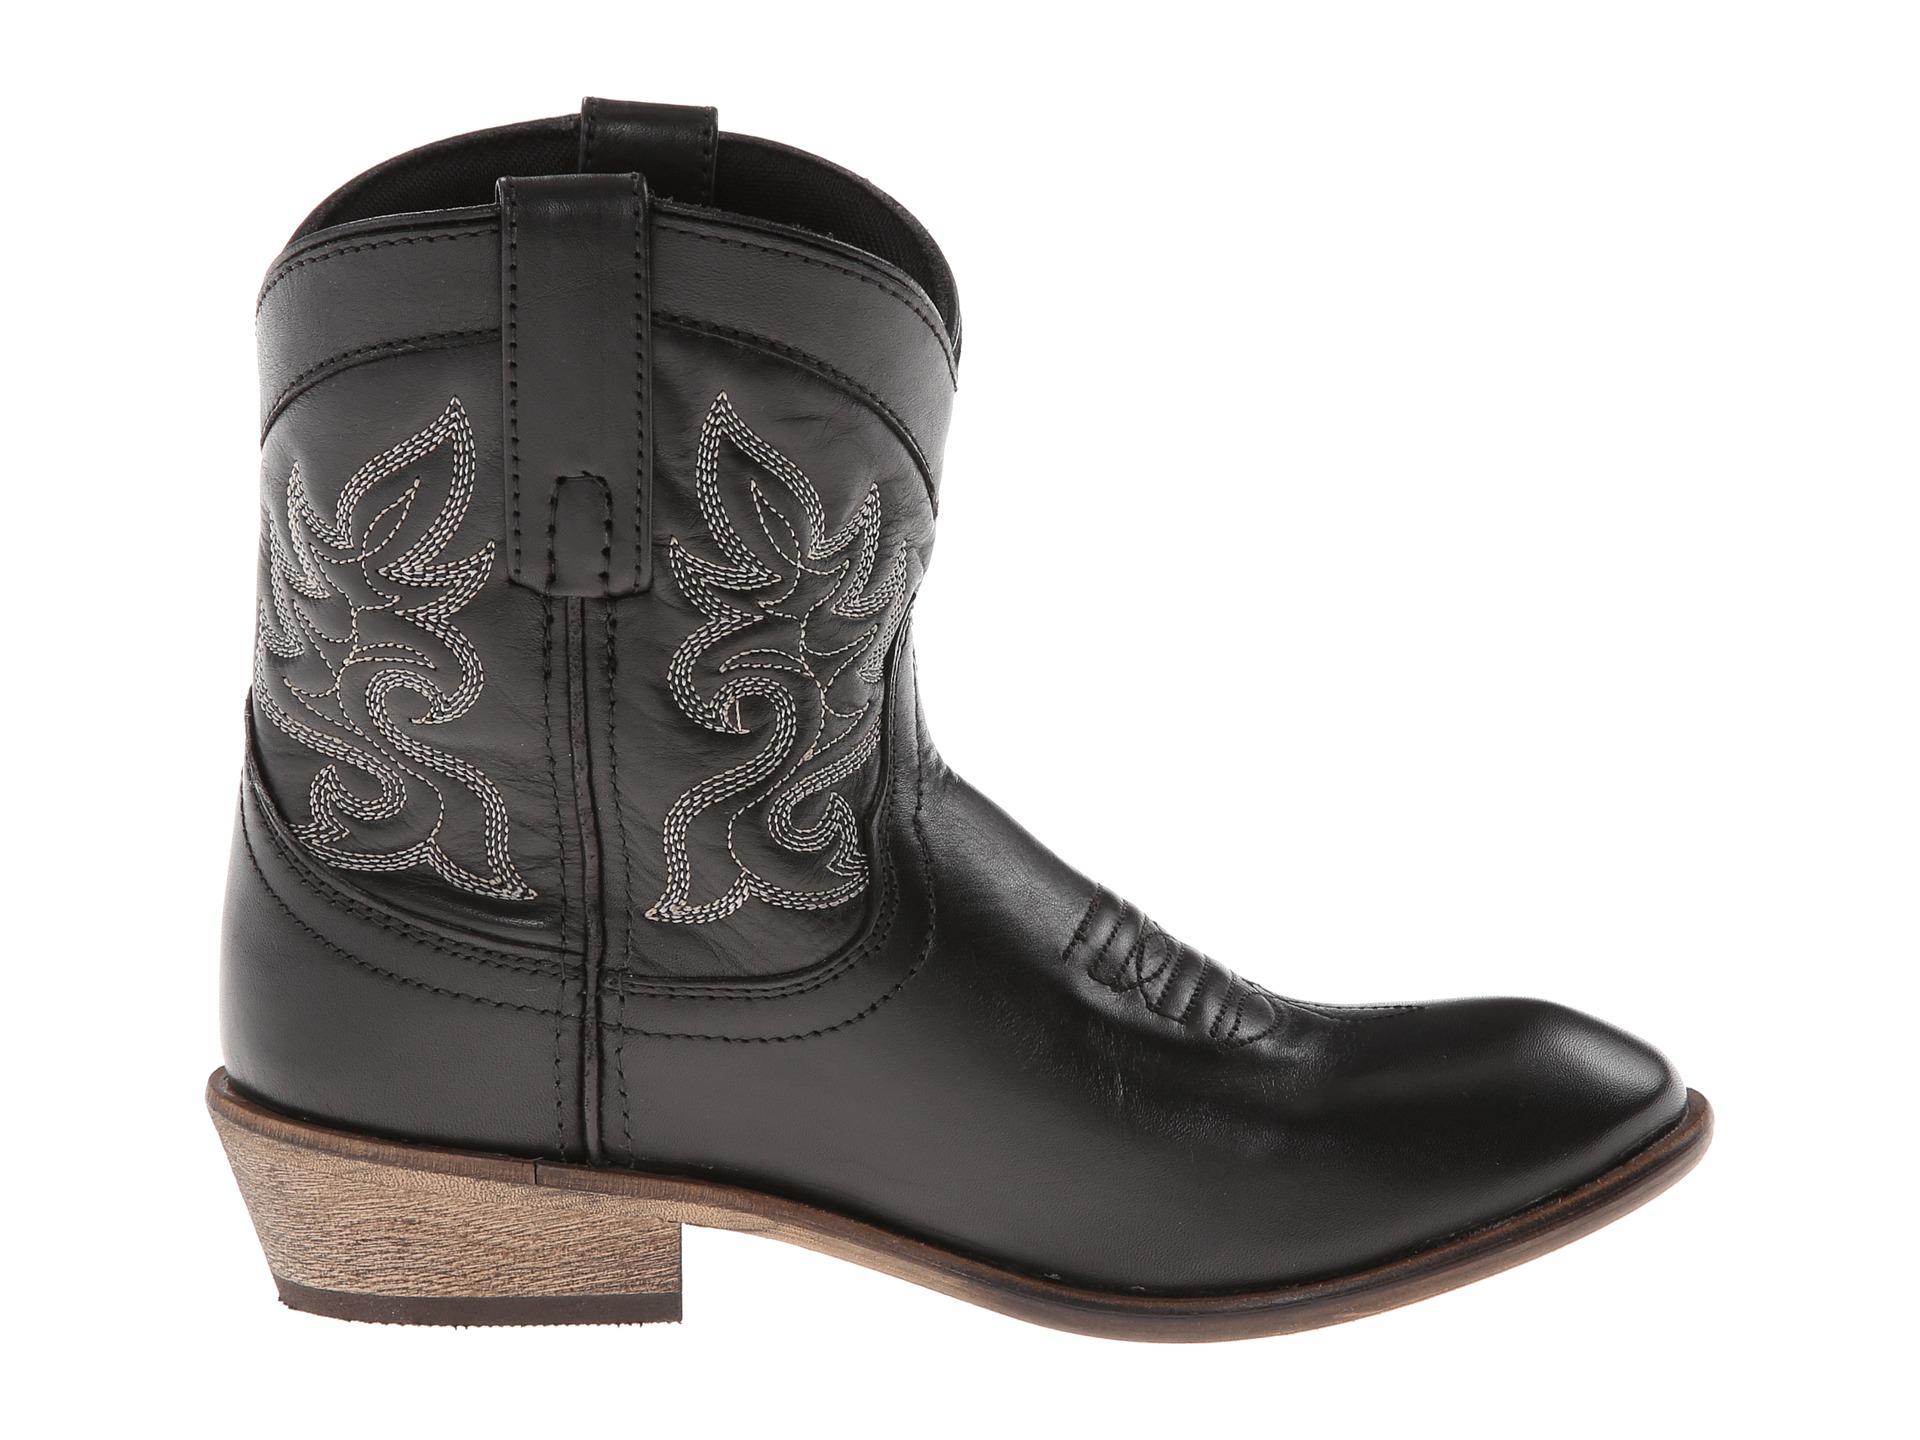 Dingo Boots Men Images Olukai Shoes For